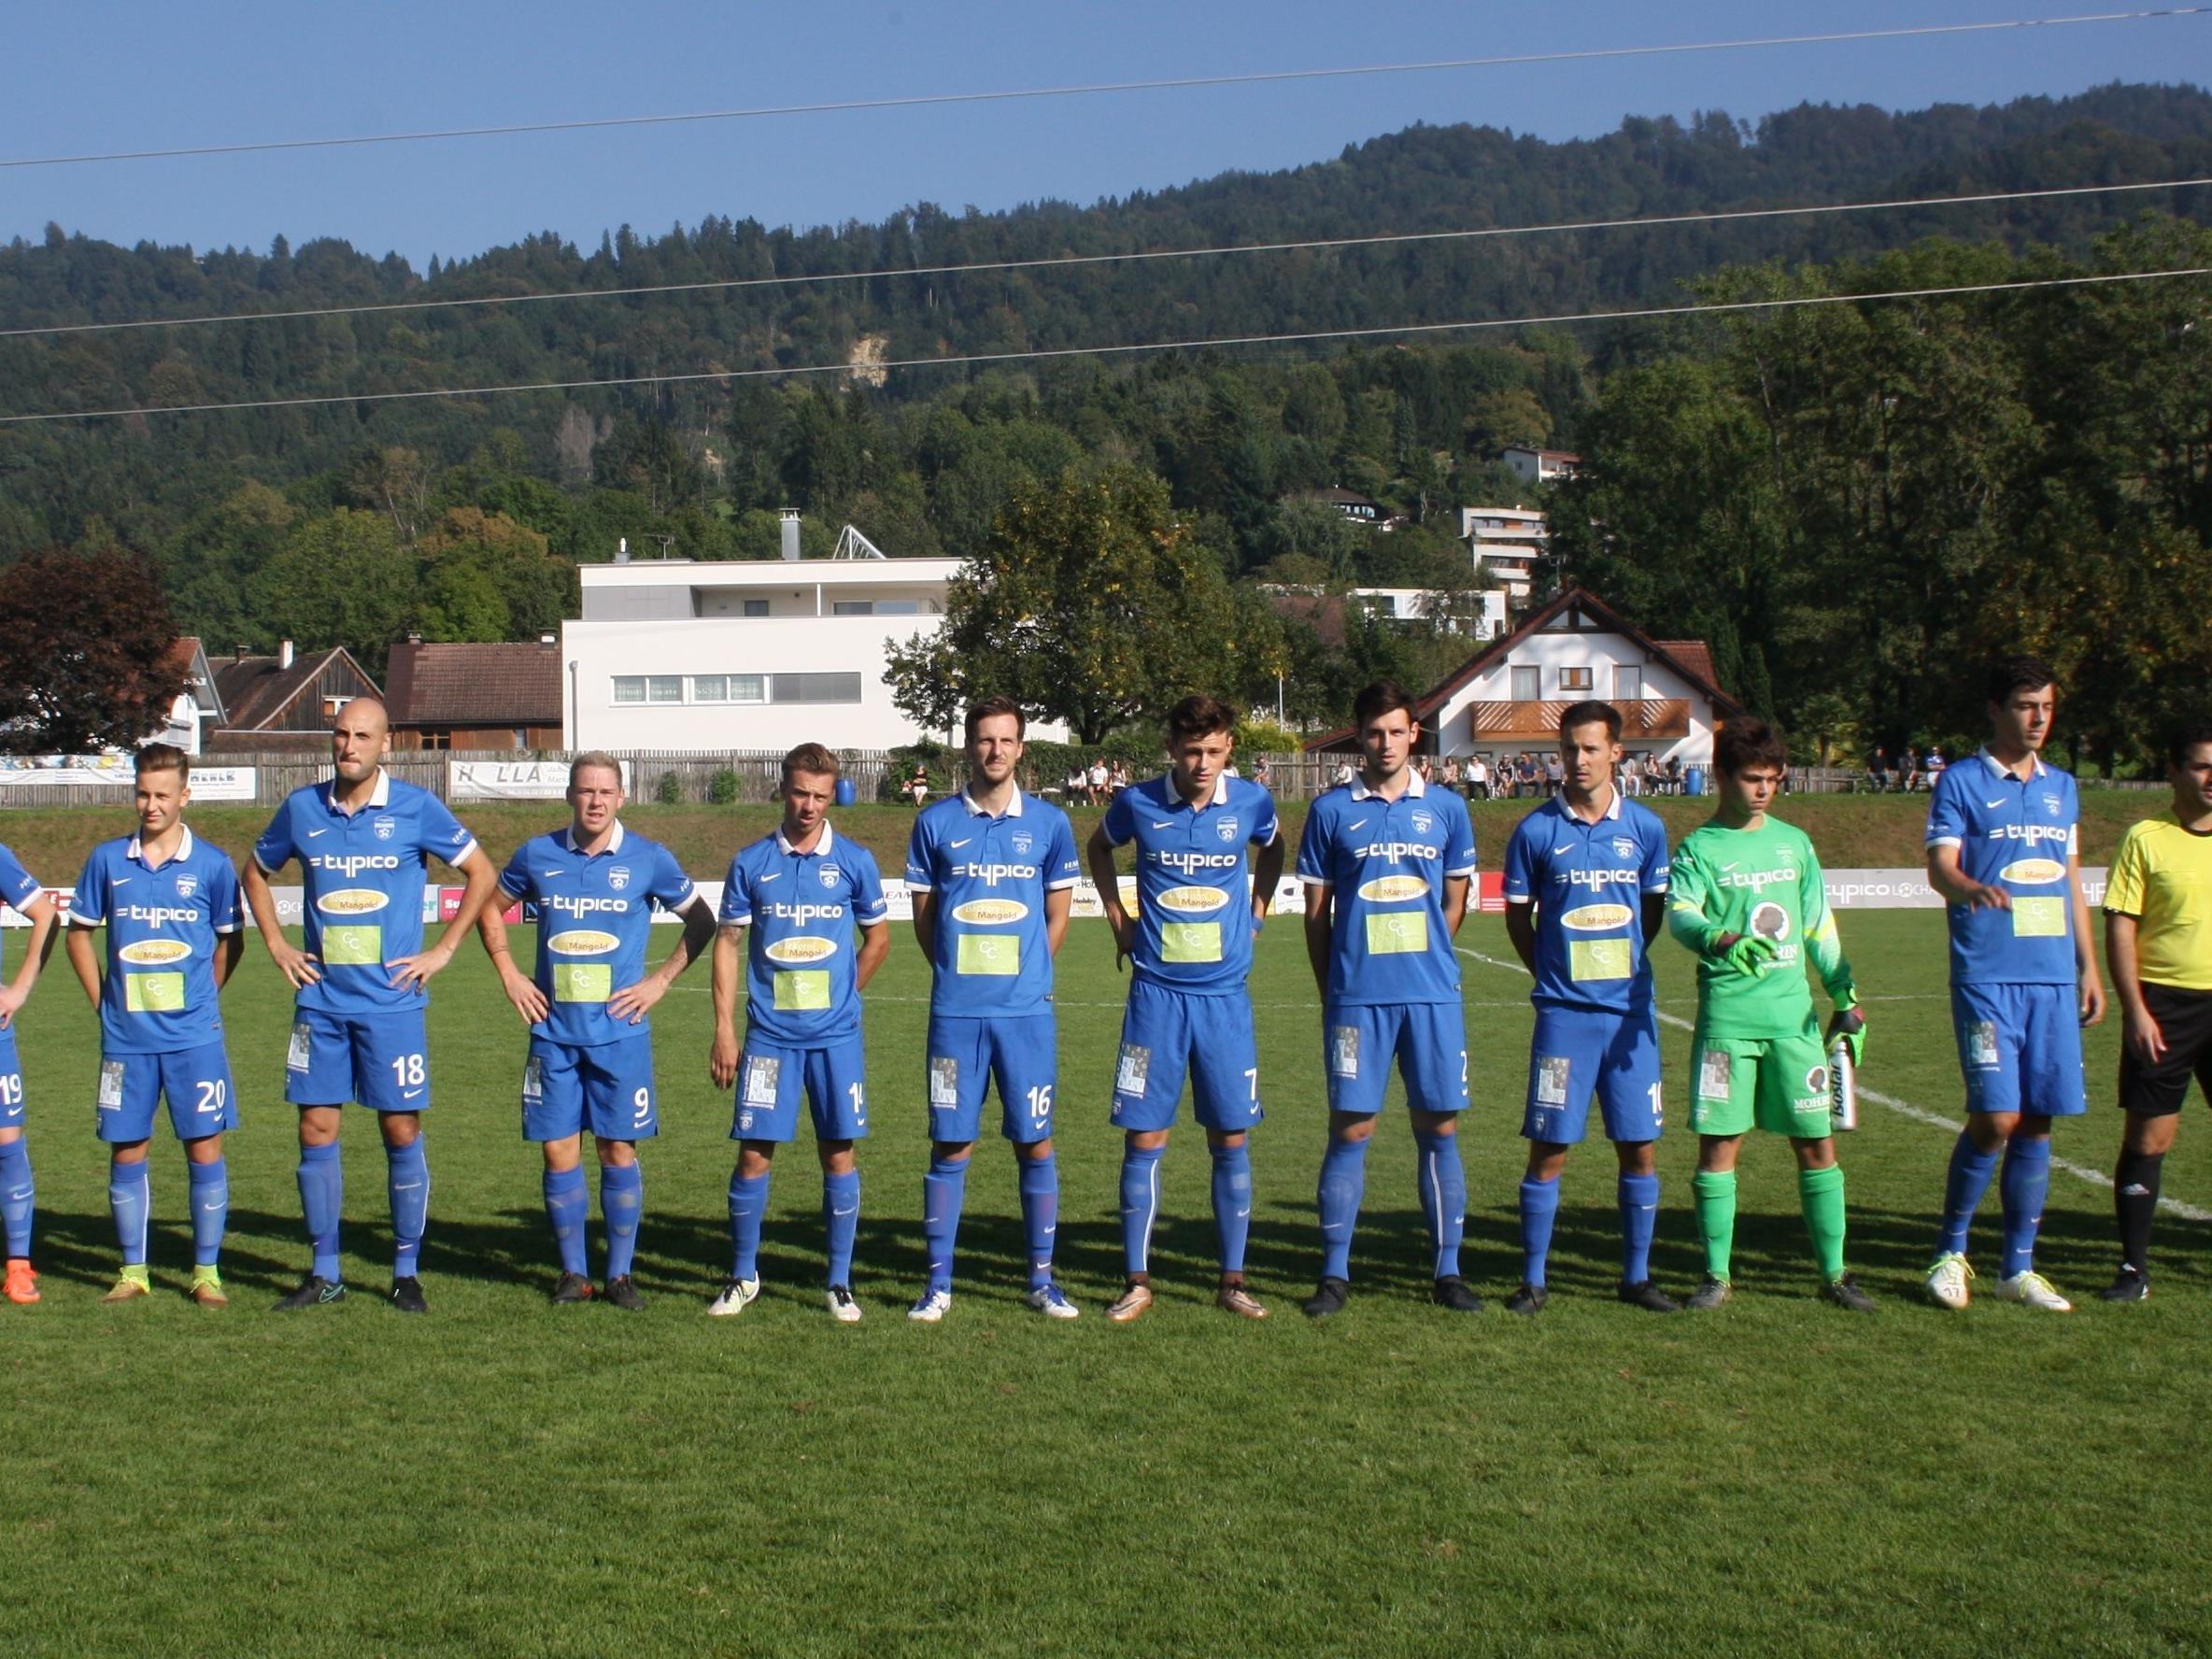 Am Samstag empfängt der SV Typico Lochau (Bild) im Heimspiel das starke Team aus Scharzach. Spielbeginn ist um 16 Uhr.